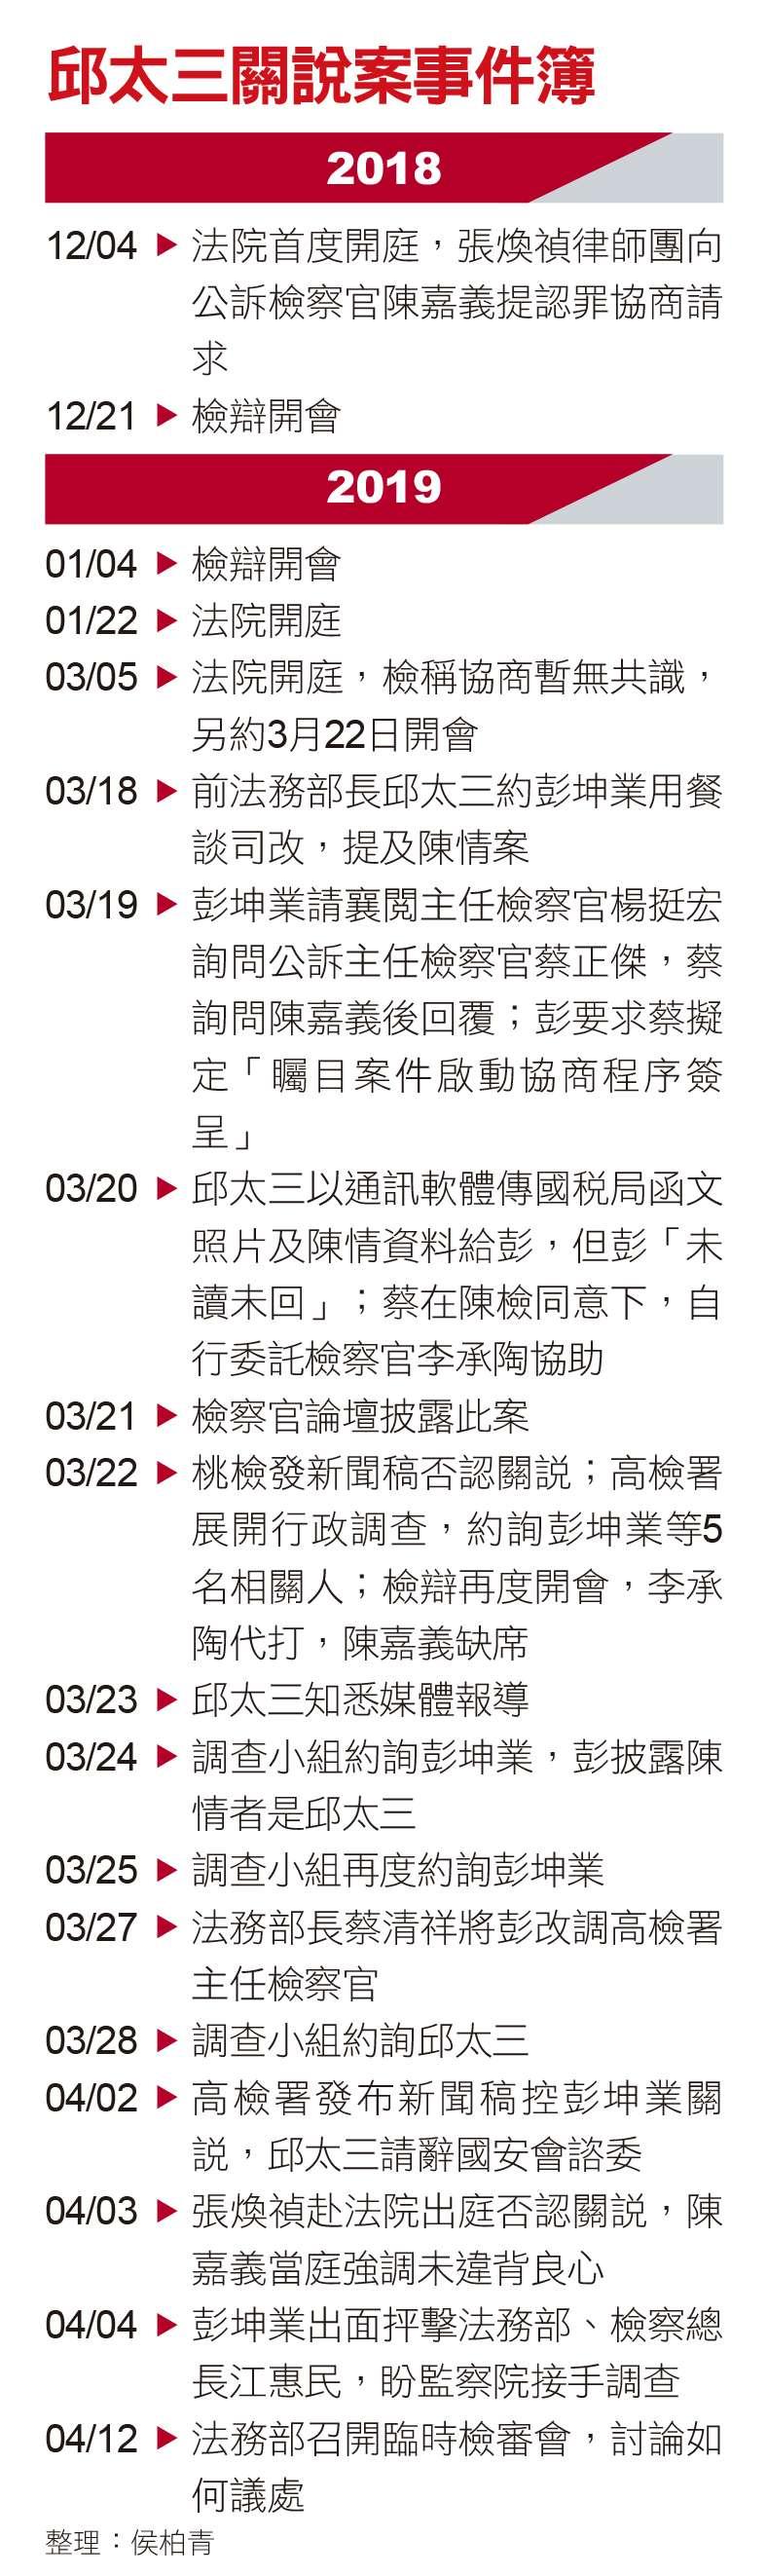 邱太三關說事件簿